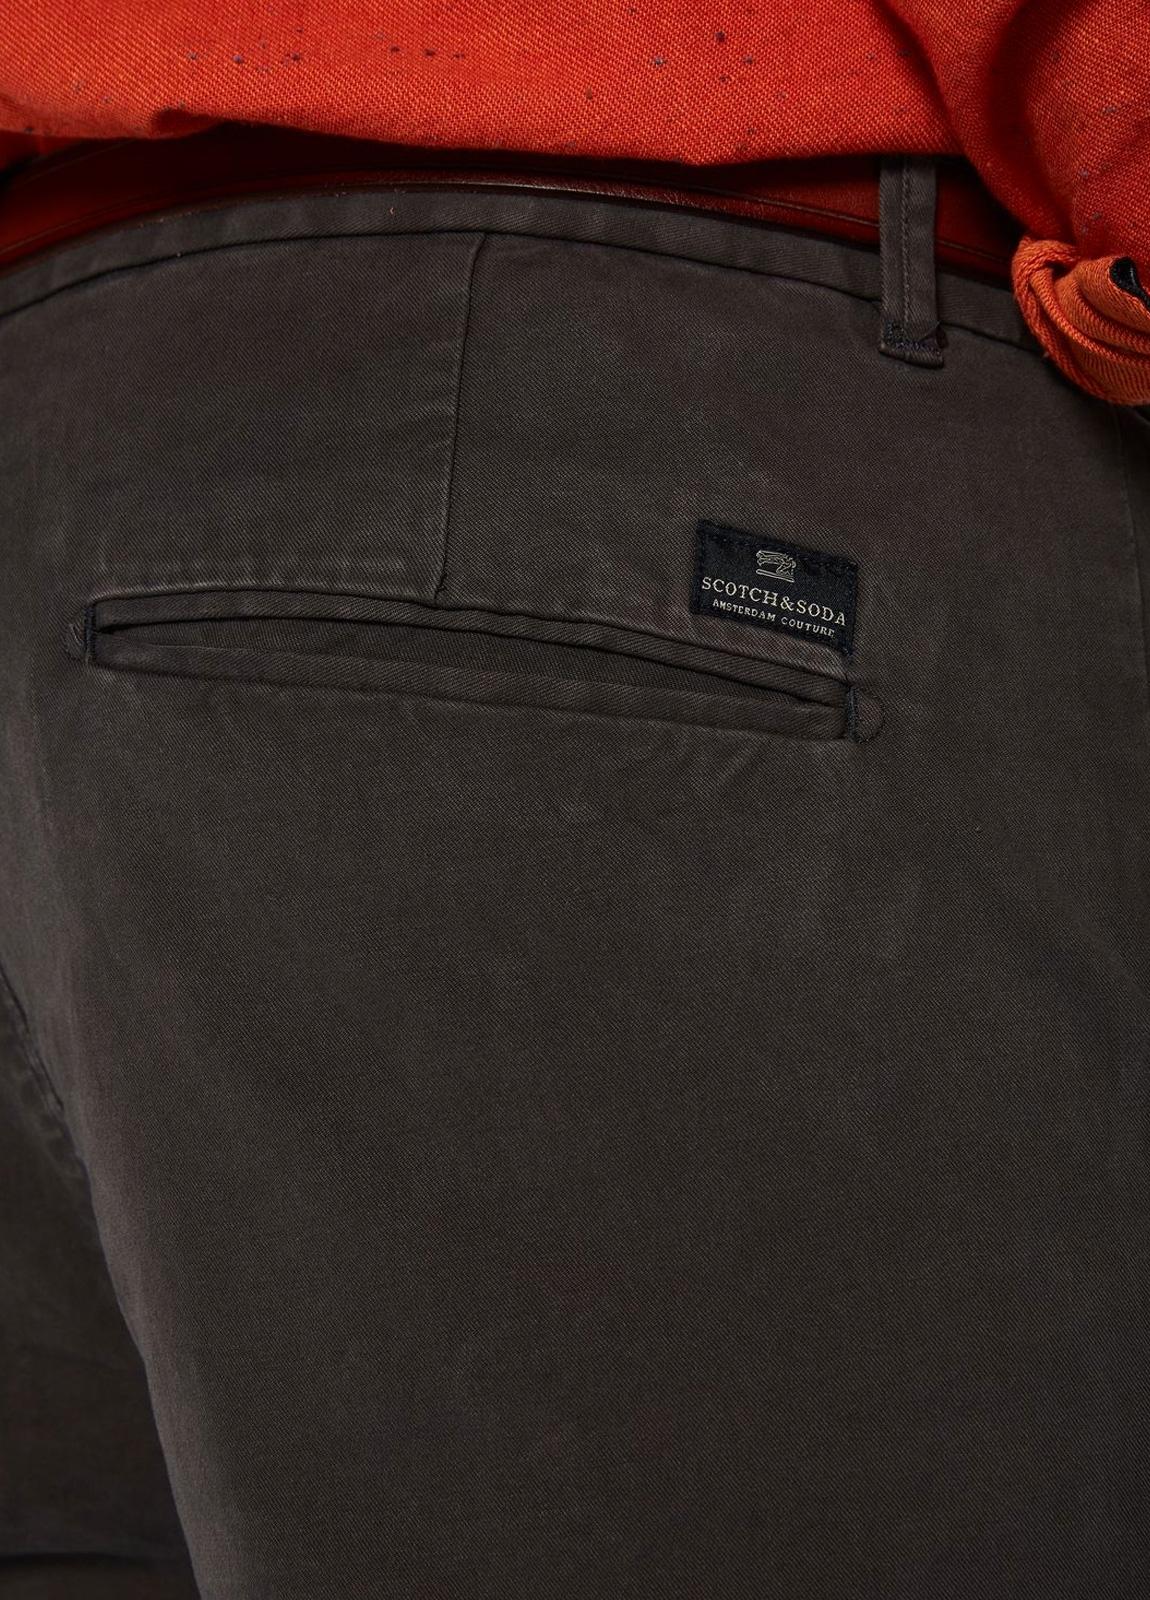 Pantalón chino regular slim fit teñido en prenda color gris. 97% Algodón. 3% Elastano. - Ítem1